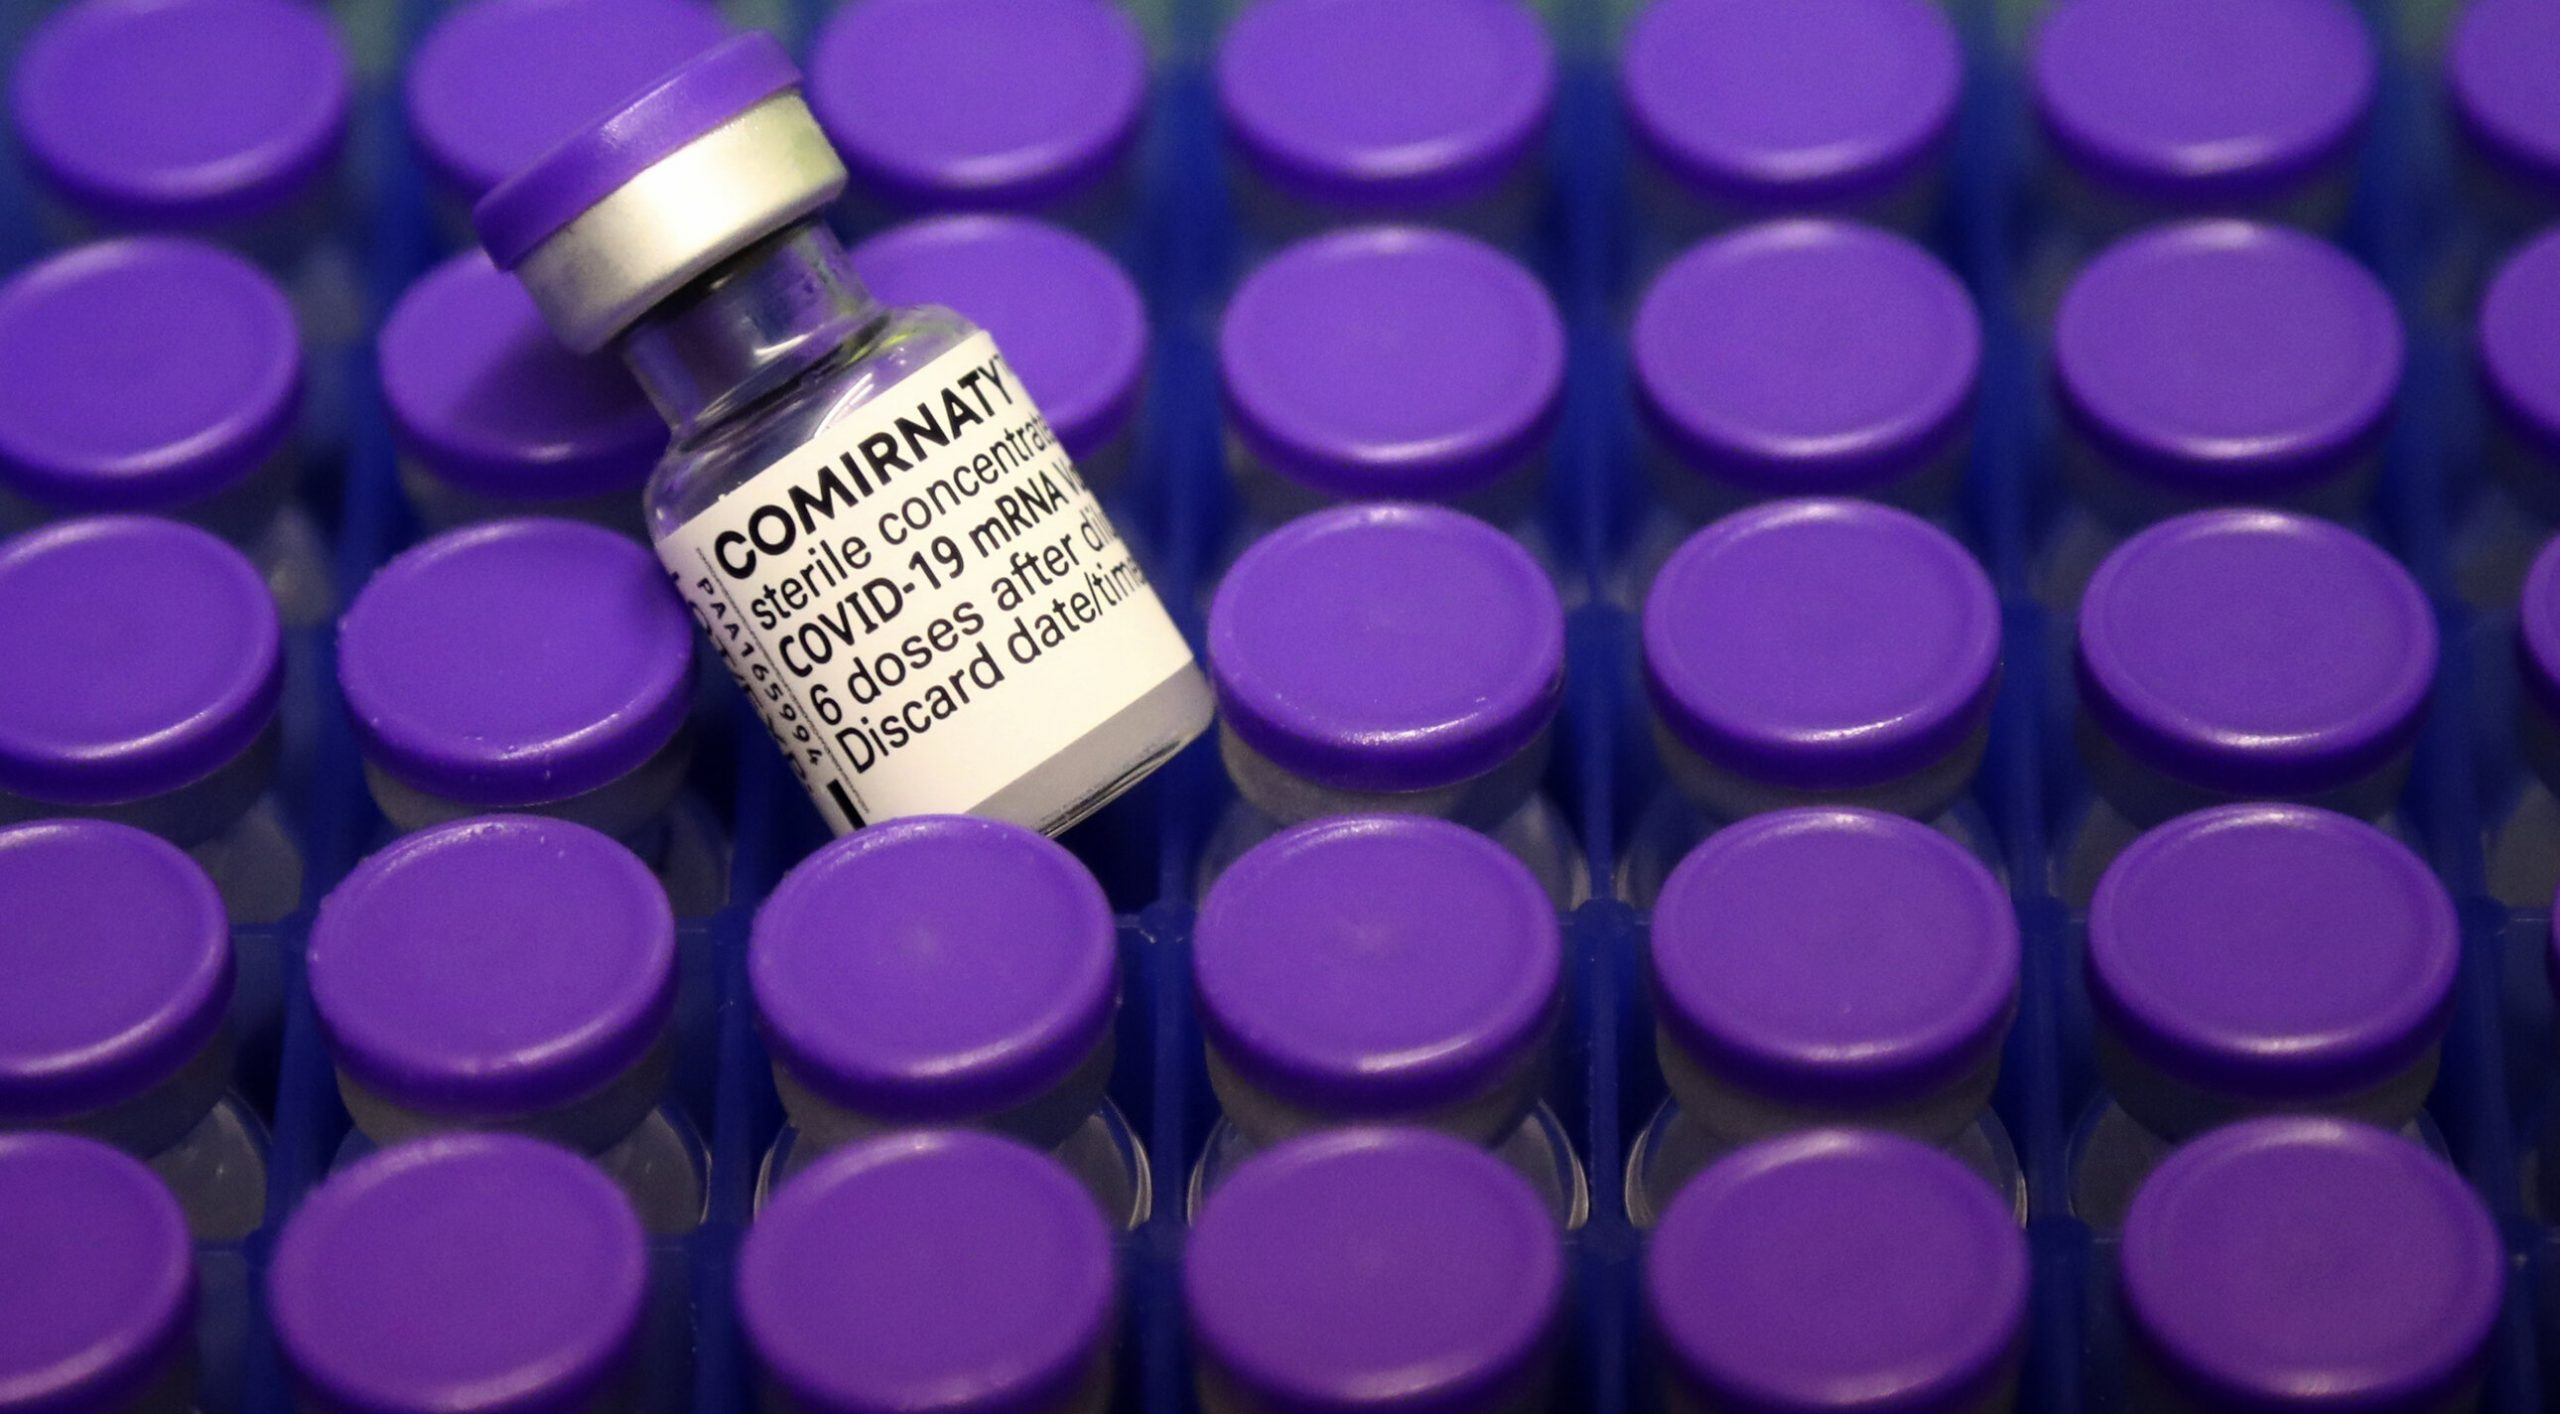 Vaccinul anti-Covid produs de Pfizer are 100% eficiență la copiii între 12 și 15 ani, anunță compania